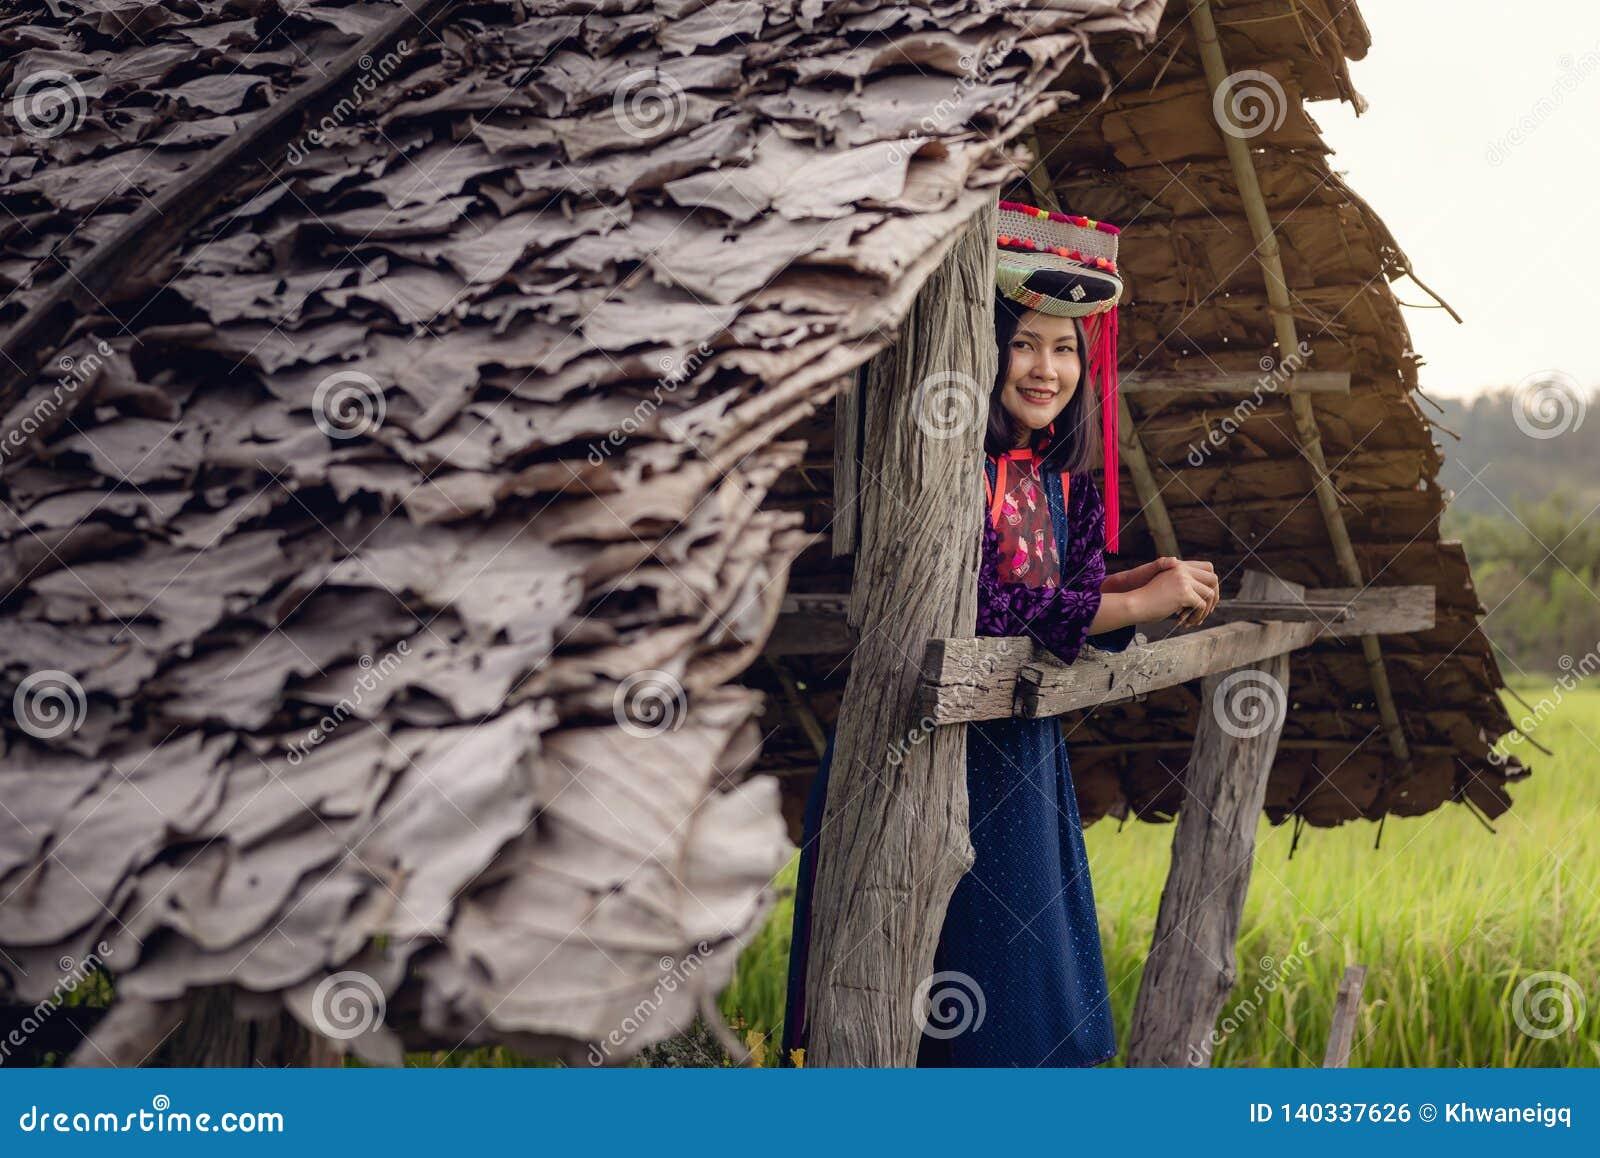 Stående av kvinnan stam- Lisu i traditionell kläd- och smyckendräkt i stuga , Livsstil av kullestamflickan i norden